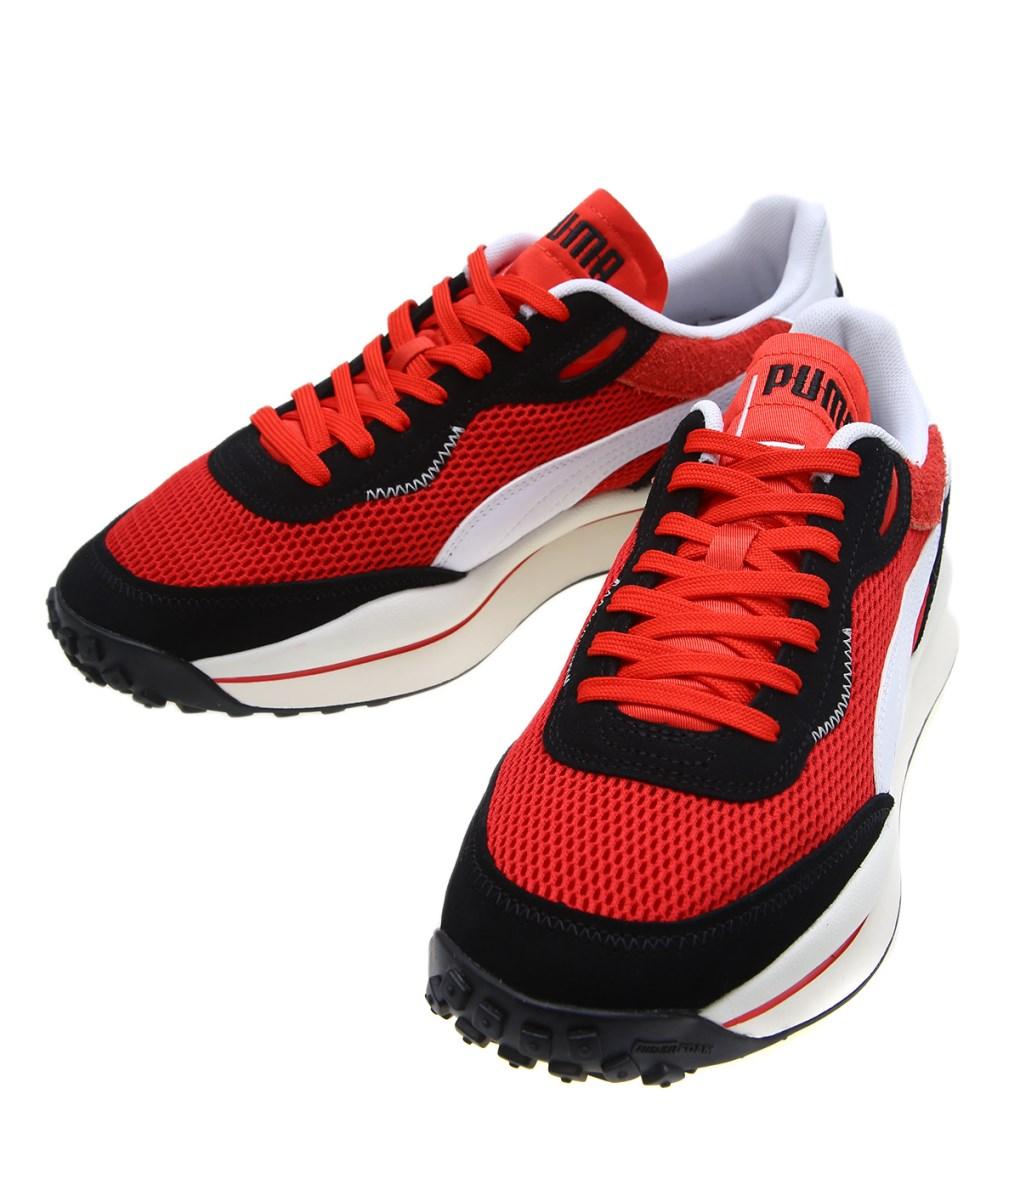 PUMA / プーマ : スタイルライダーストリームオン : スタイルライダーストリームオン 靴 スニーカー メンズ : 371527 【AST】